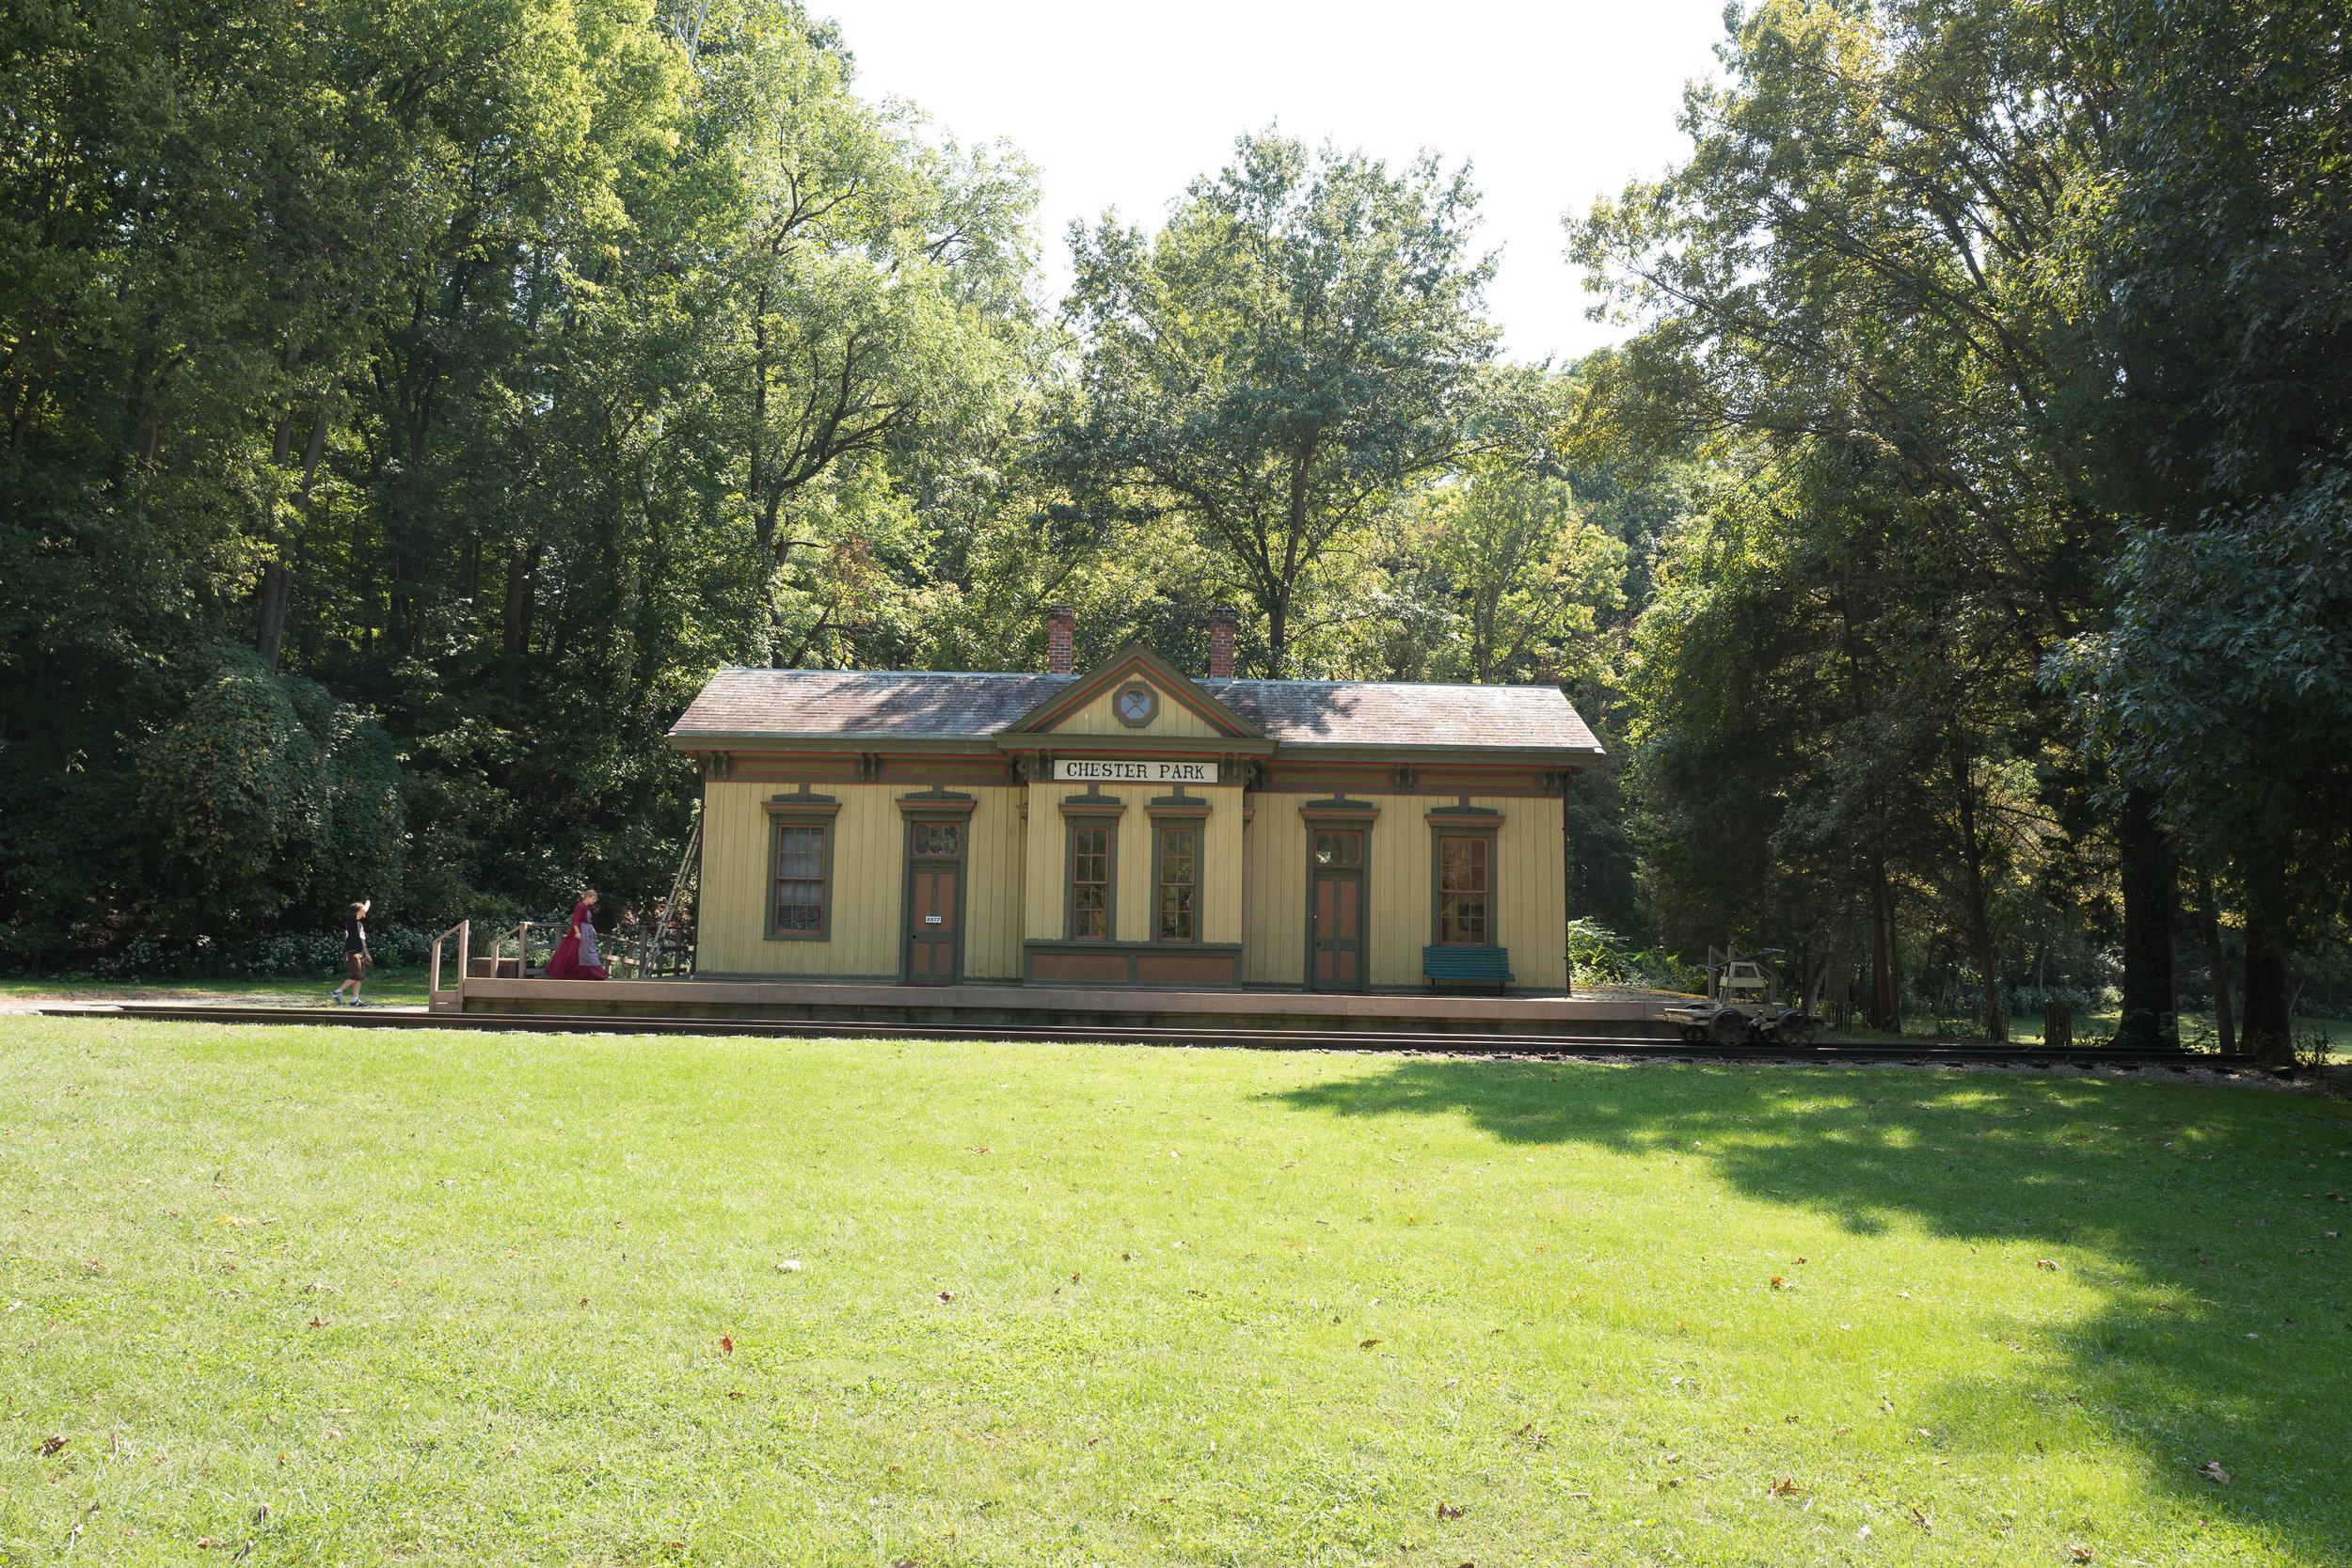 heritage-village-museum-1070421.jpg